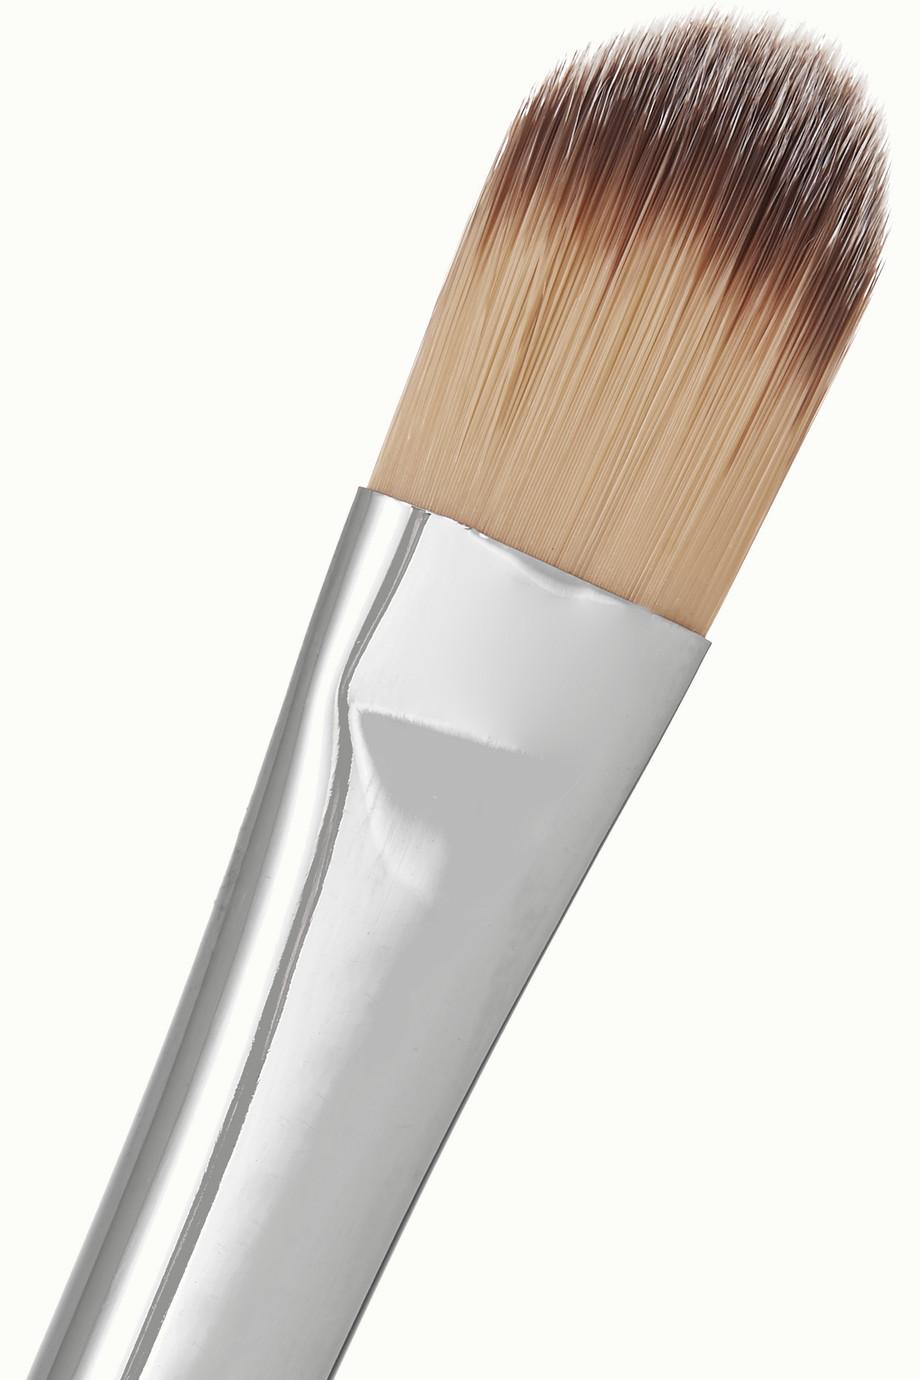 Kjaer Weis Foundation Brush